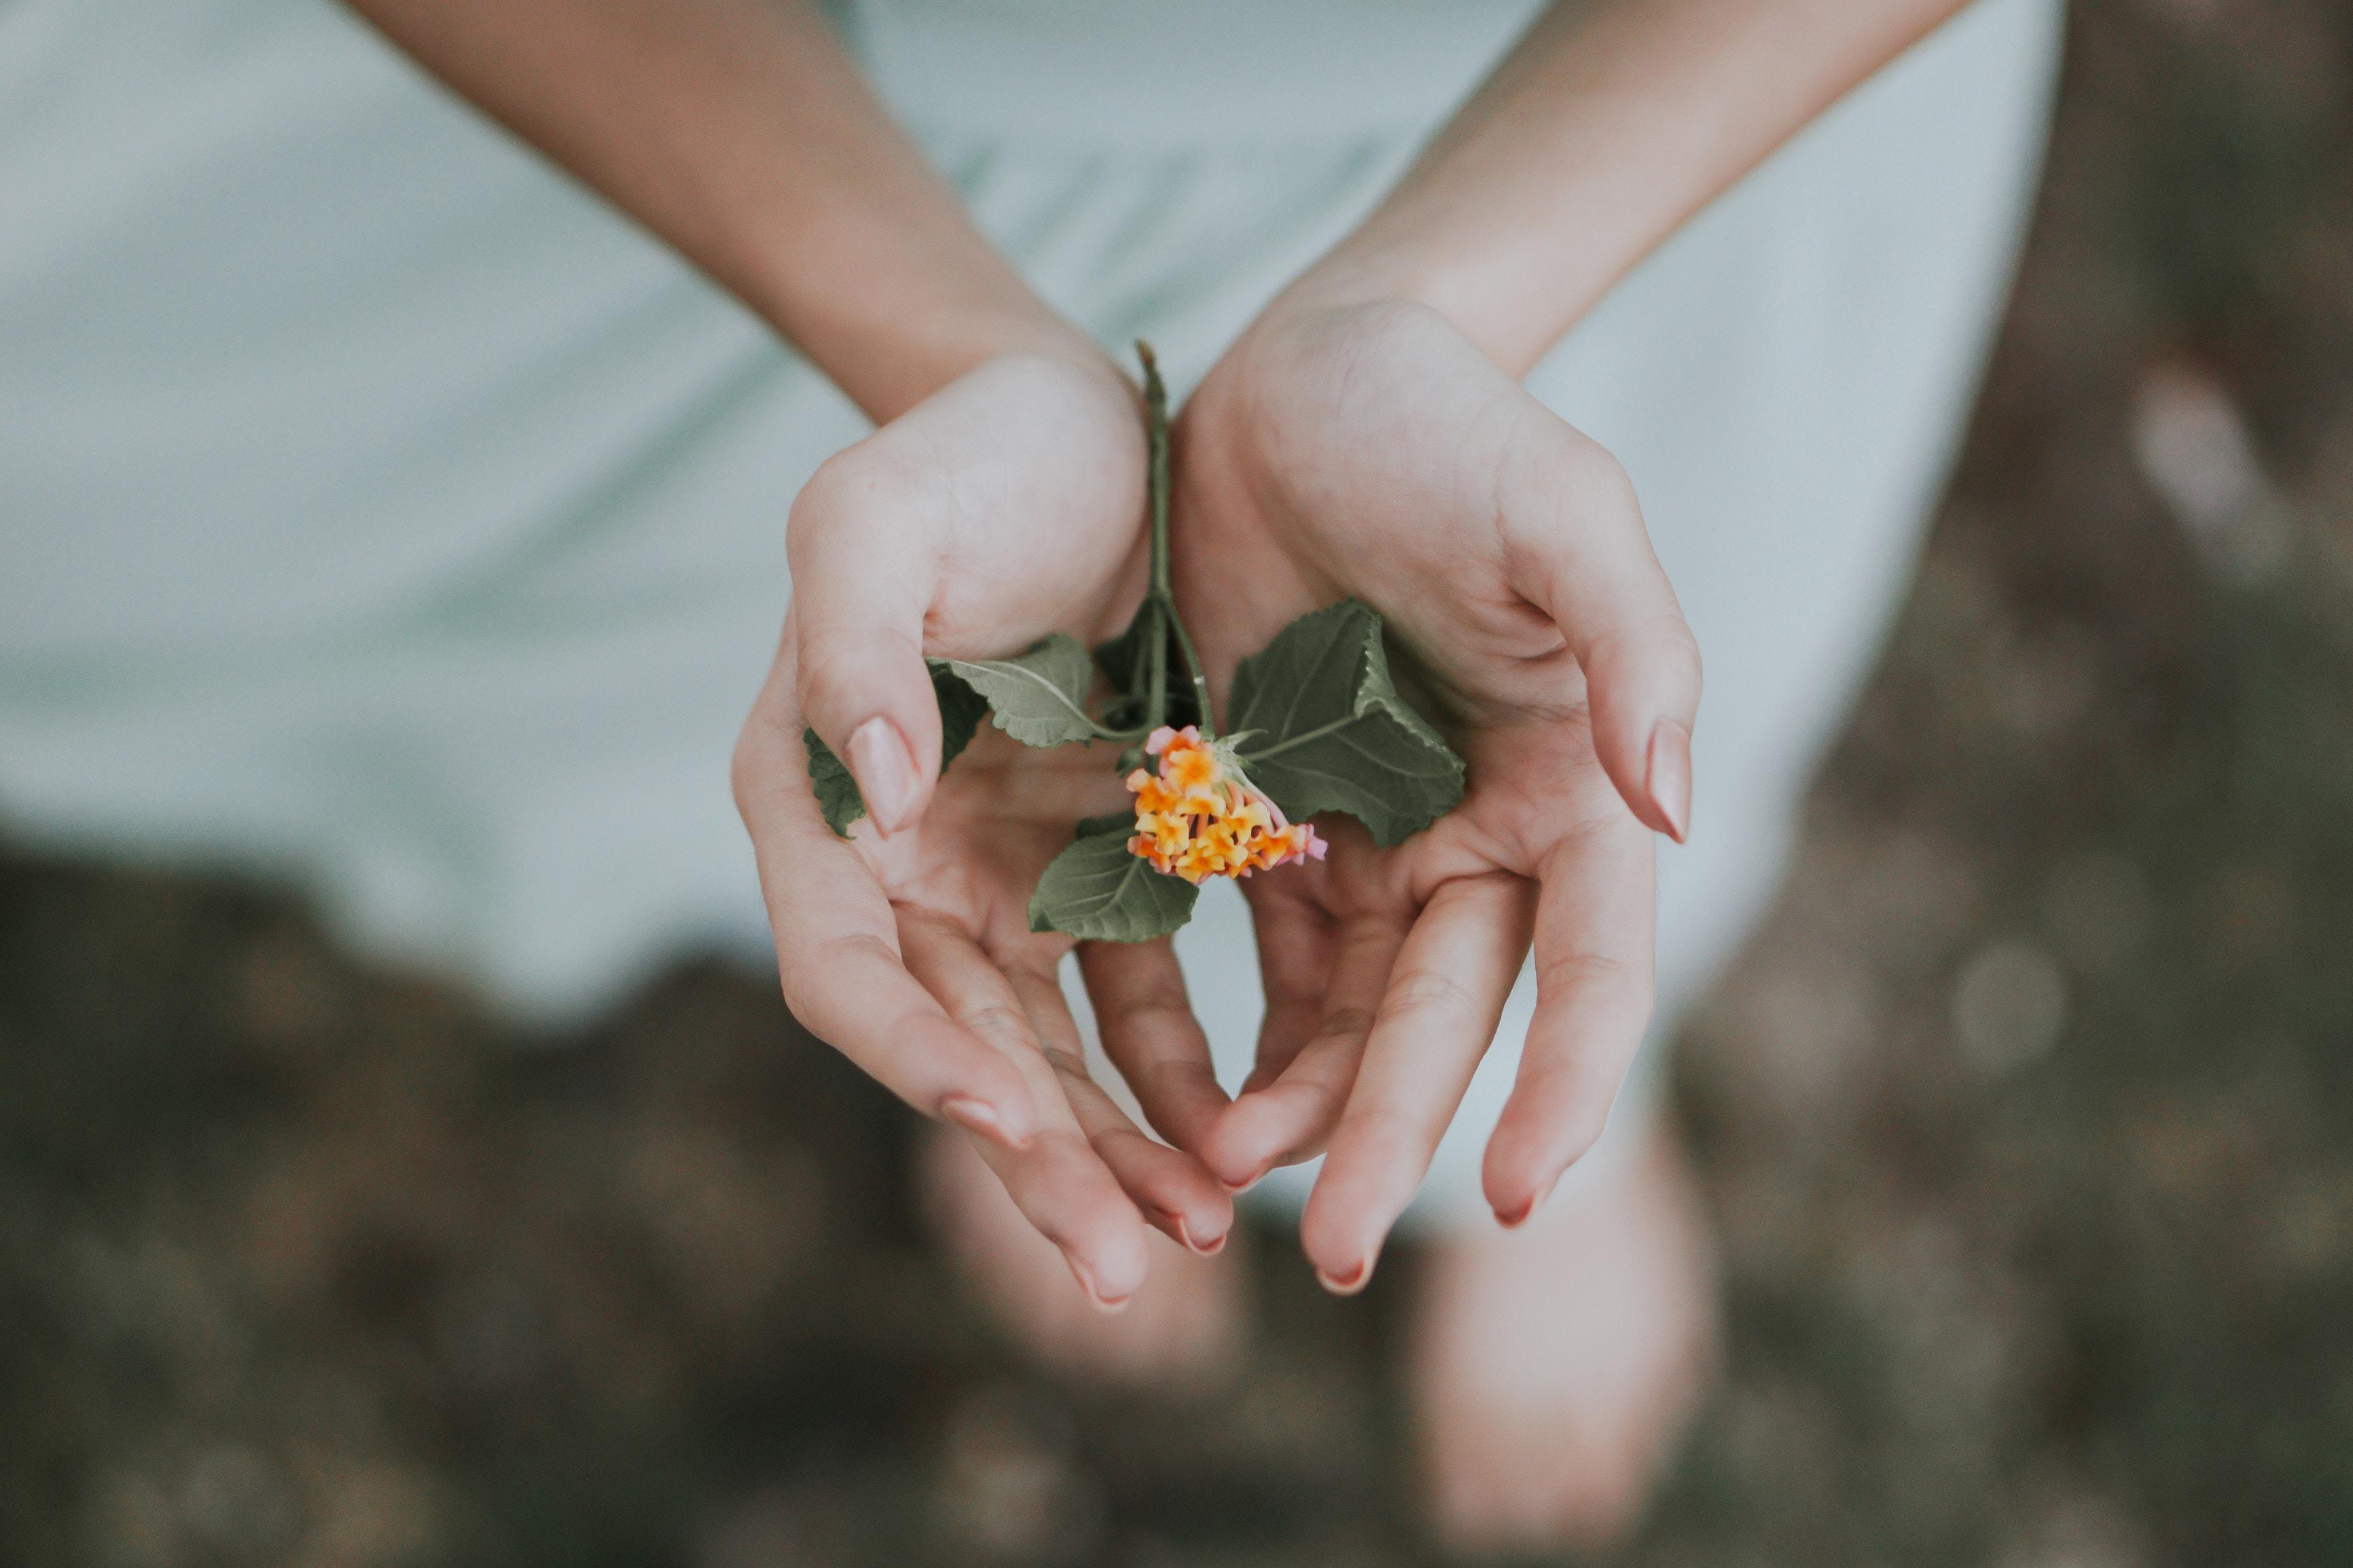 Apprendre à s'aimer: mon parcours